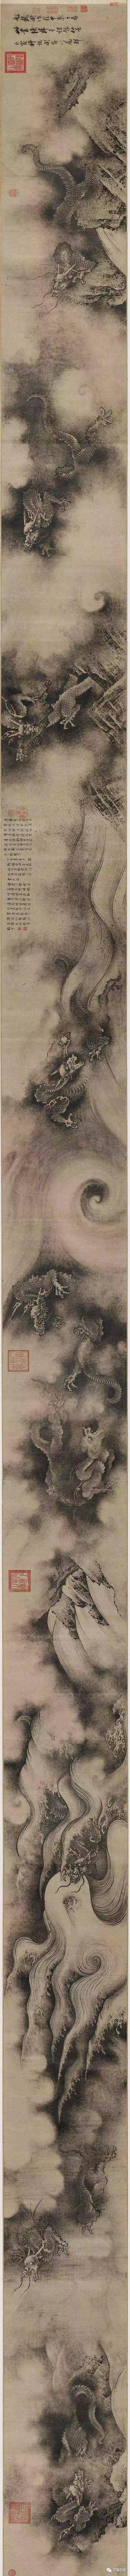 陈容《九龙图》(藏于美国波士顿美术馆)